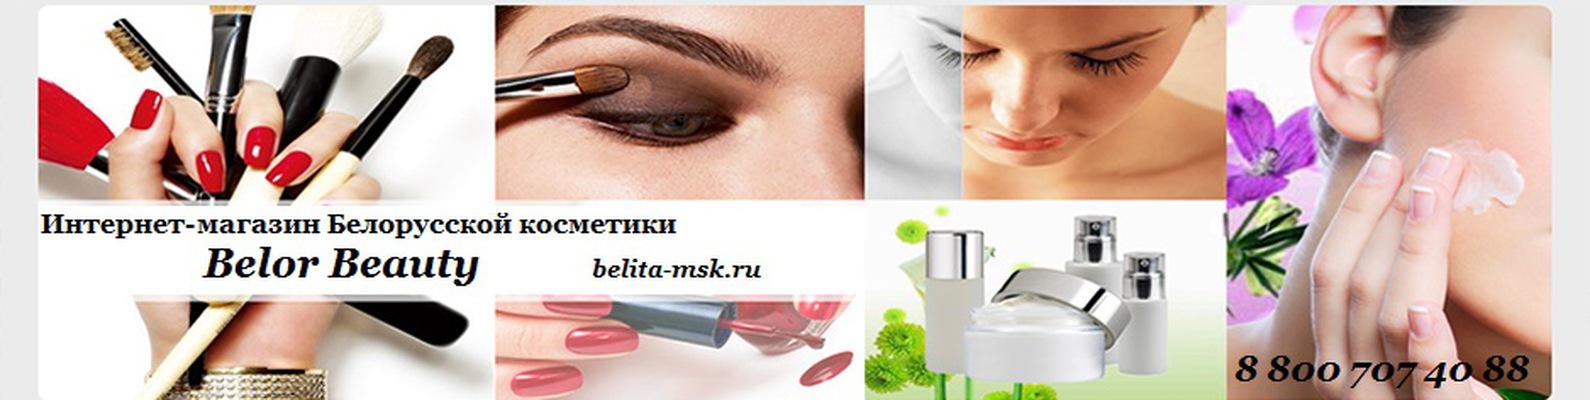 Белорусская косметика релуи каталог